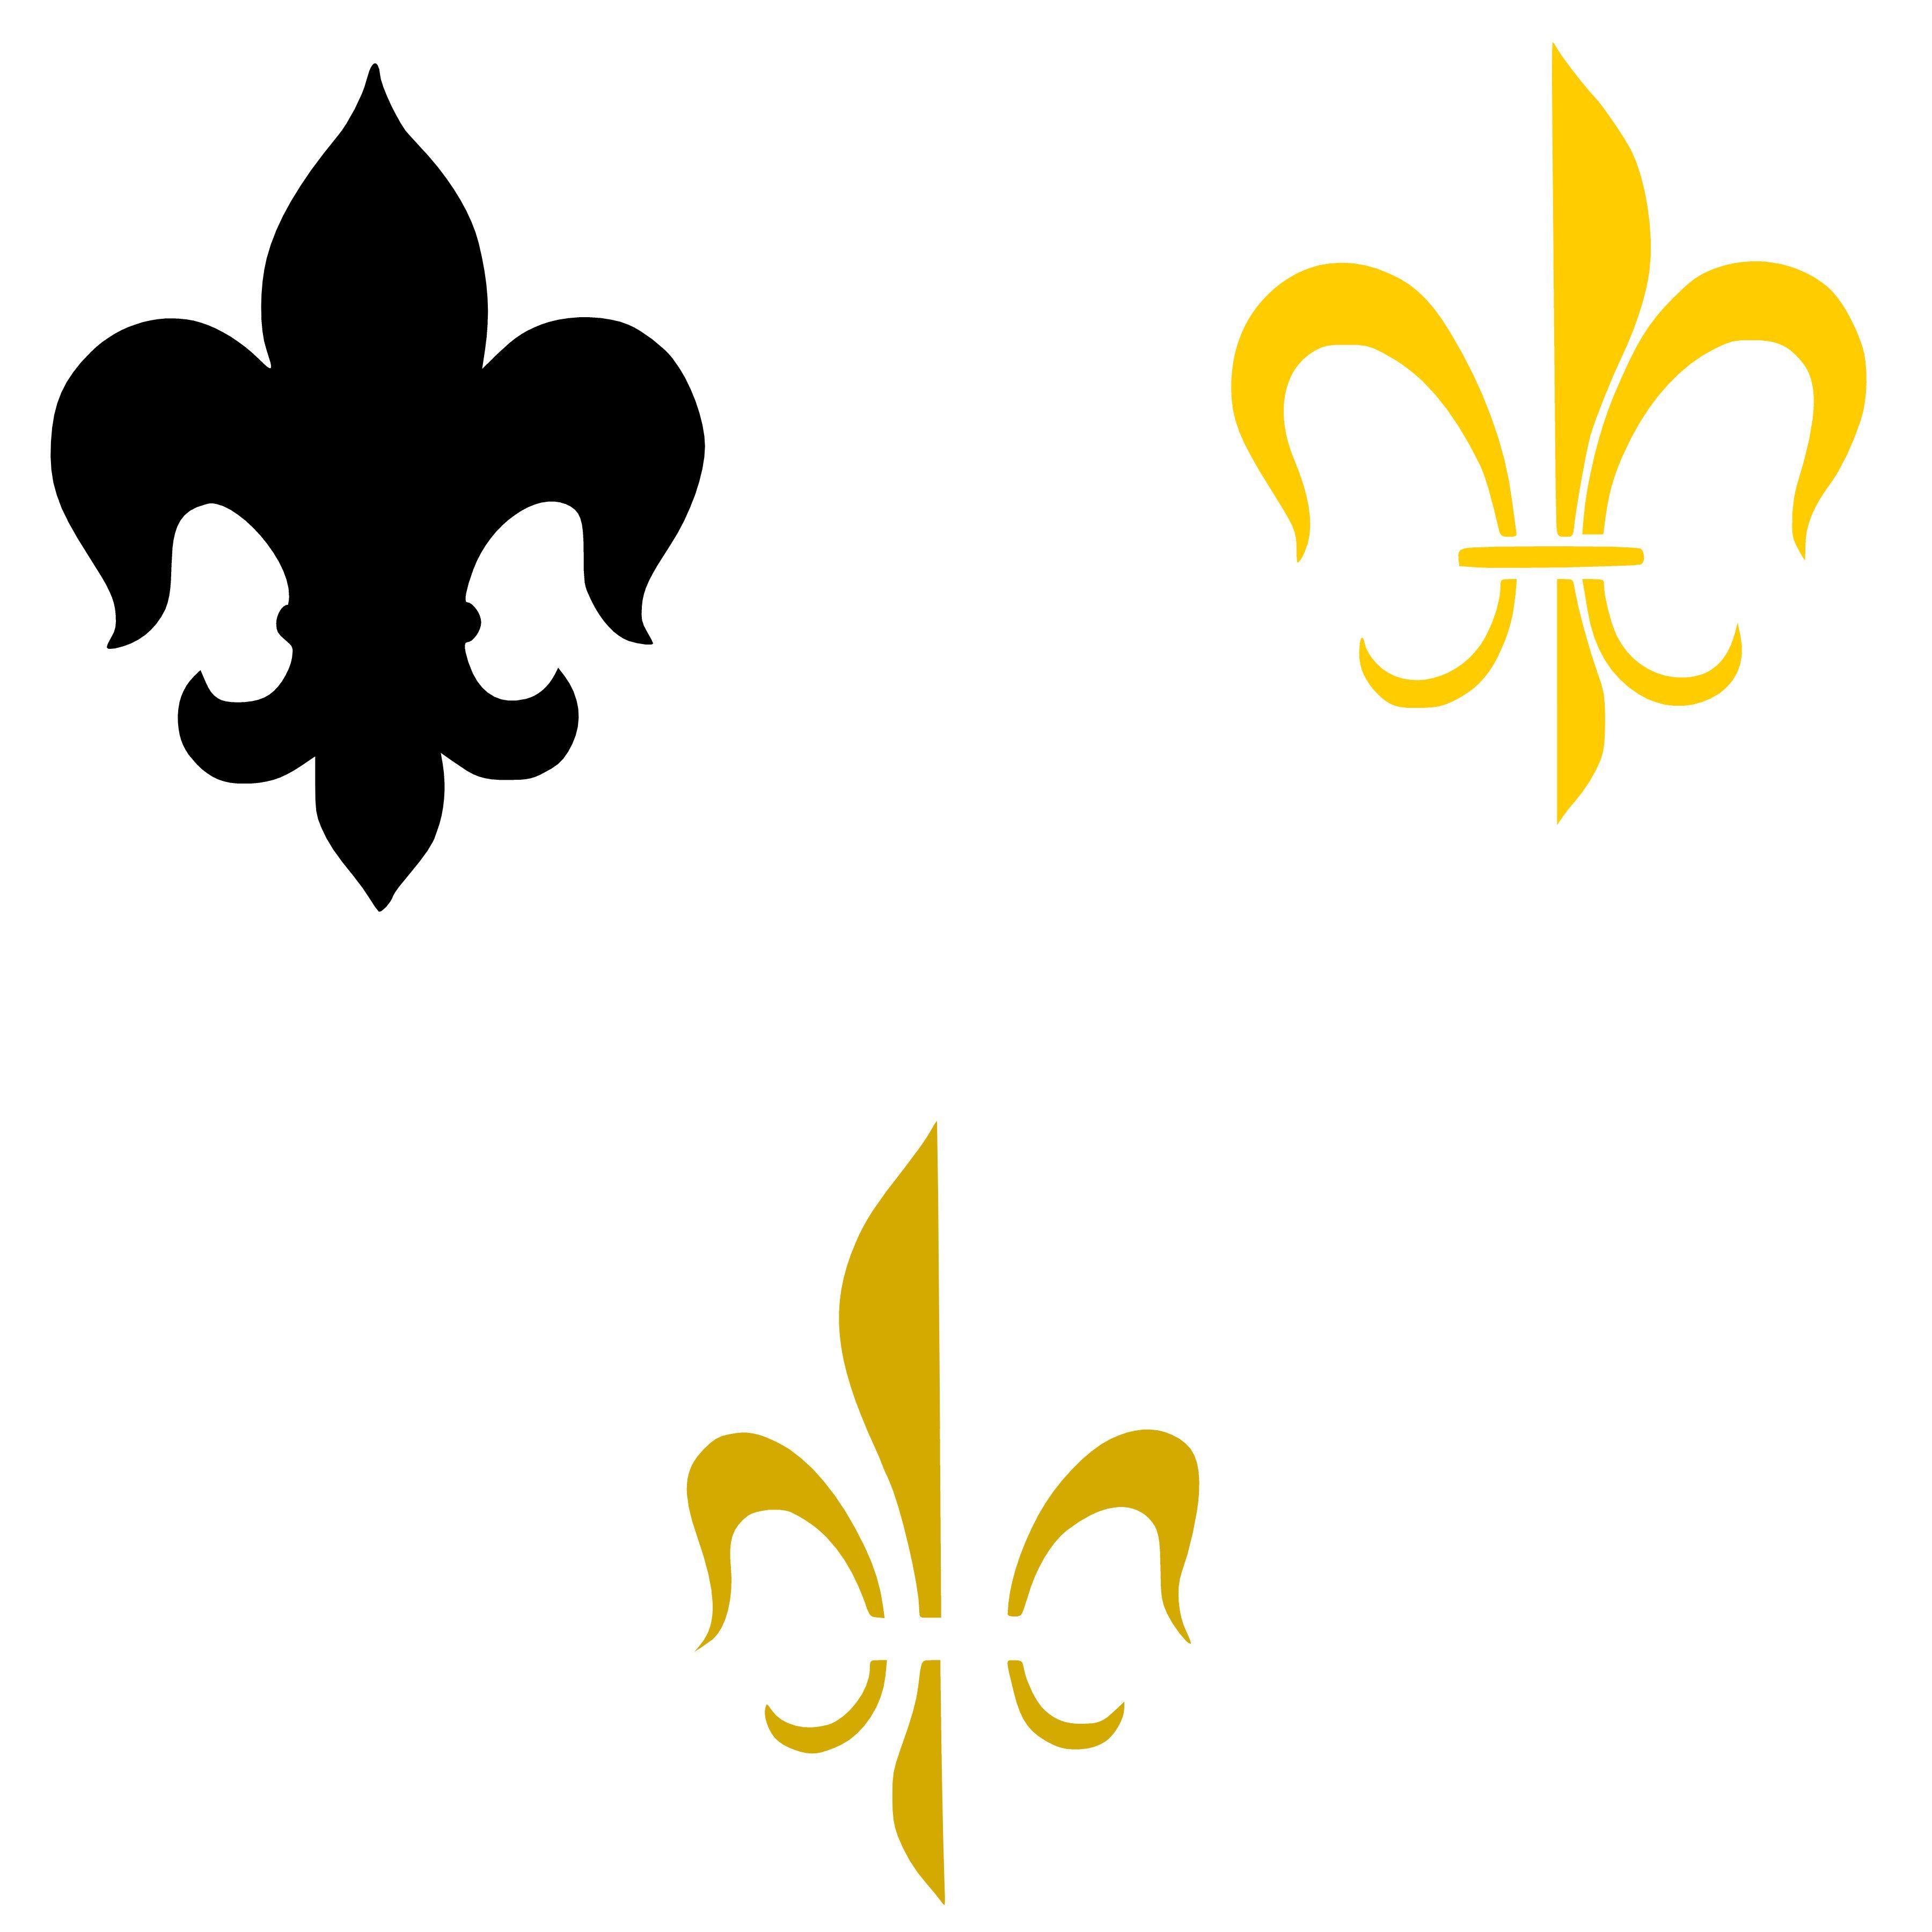 boy scout symbol svg layer [ 3600 x 3600 Pixel ]